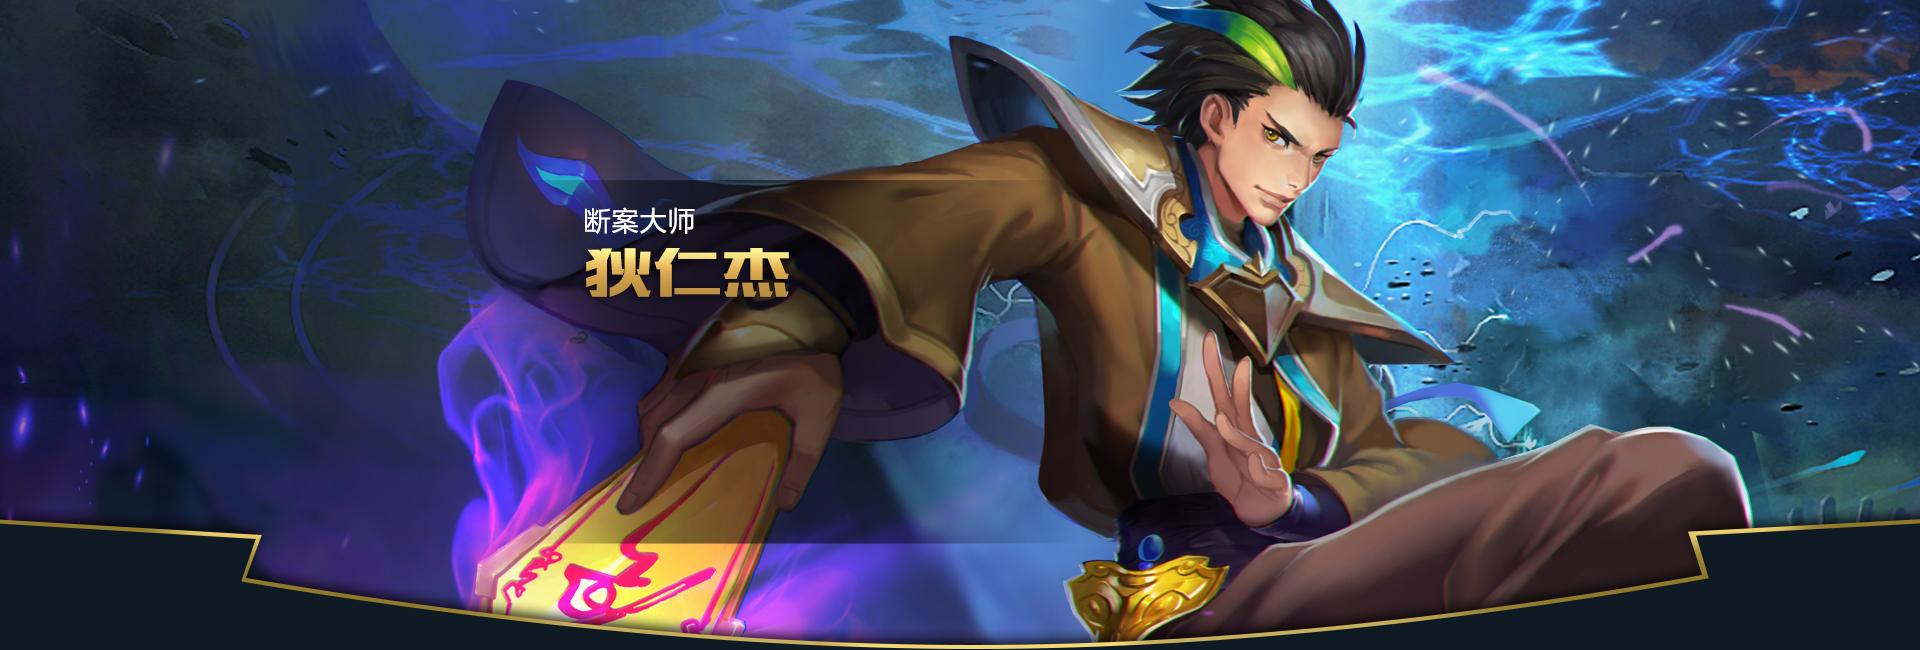 第2弹《王者荣耀英雄皮肤CG》竞技游戏130